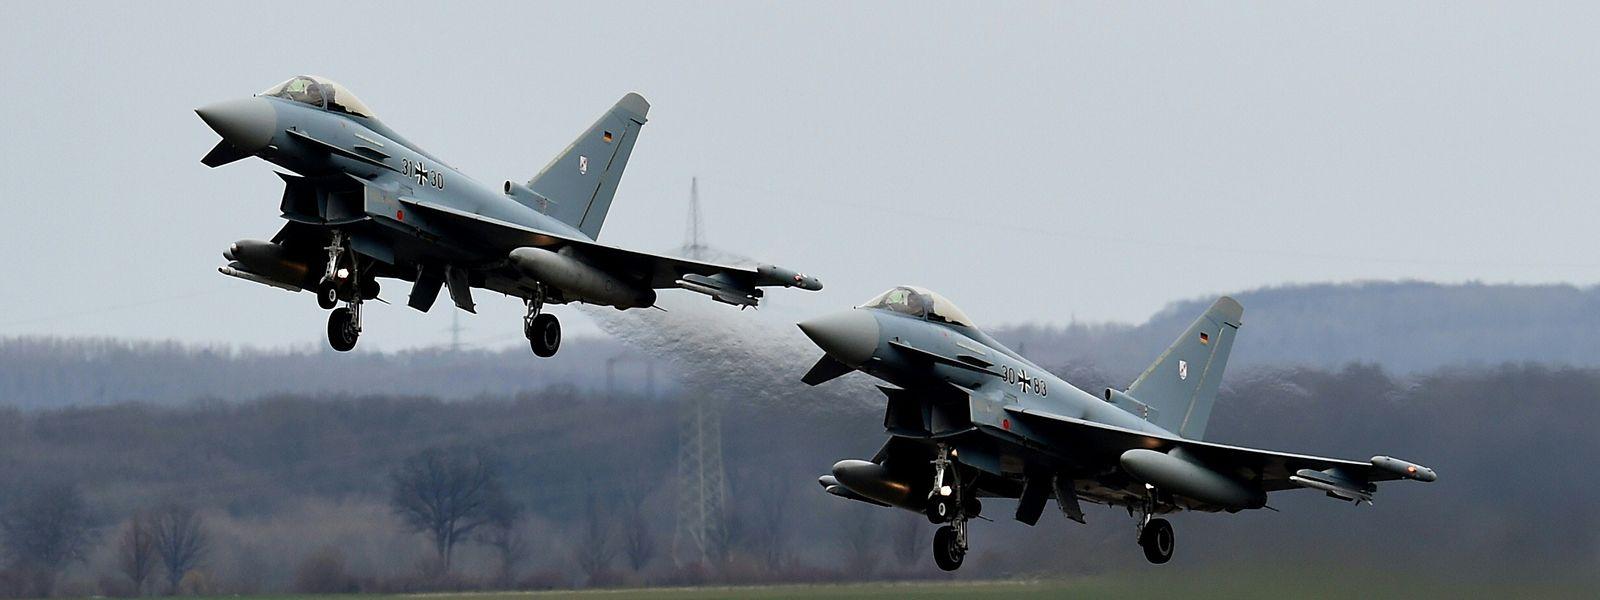 """Beispielfoto: Zwei """"Eurofighter""""-Flugzeuge der deutschen Luftwaffe sind nach einem Zusammenprall in einem Waldgebiet abgestürzt."""